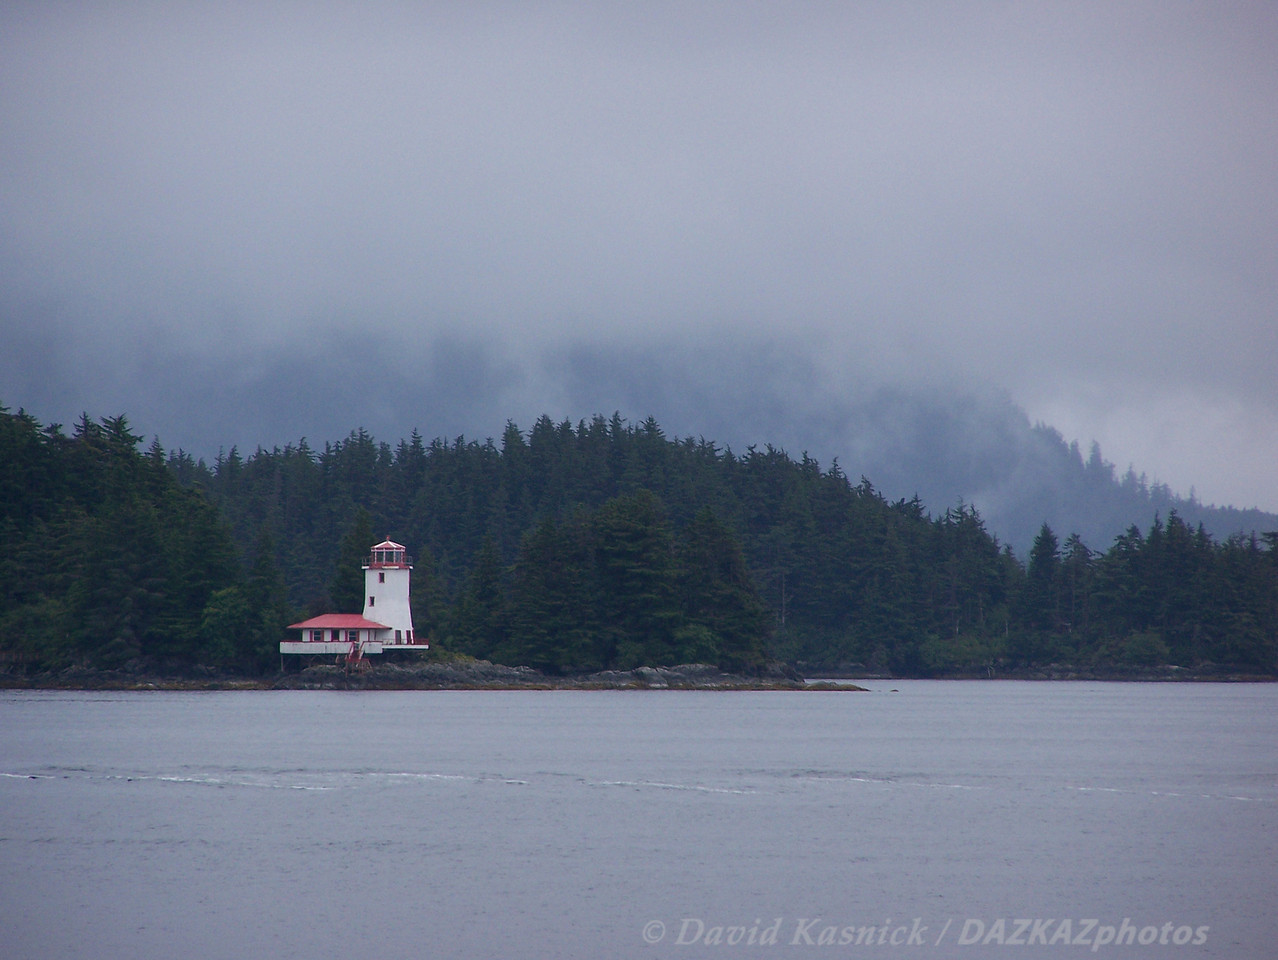 Sitka Lighthouse B&B 1 - Sitka, AK